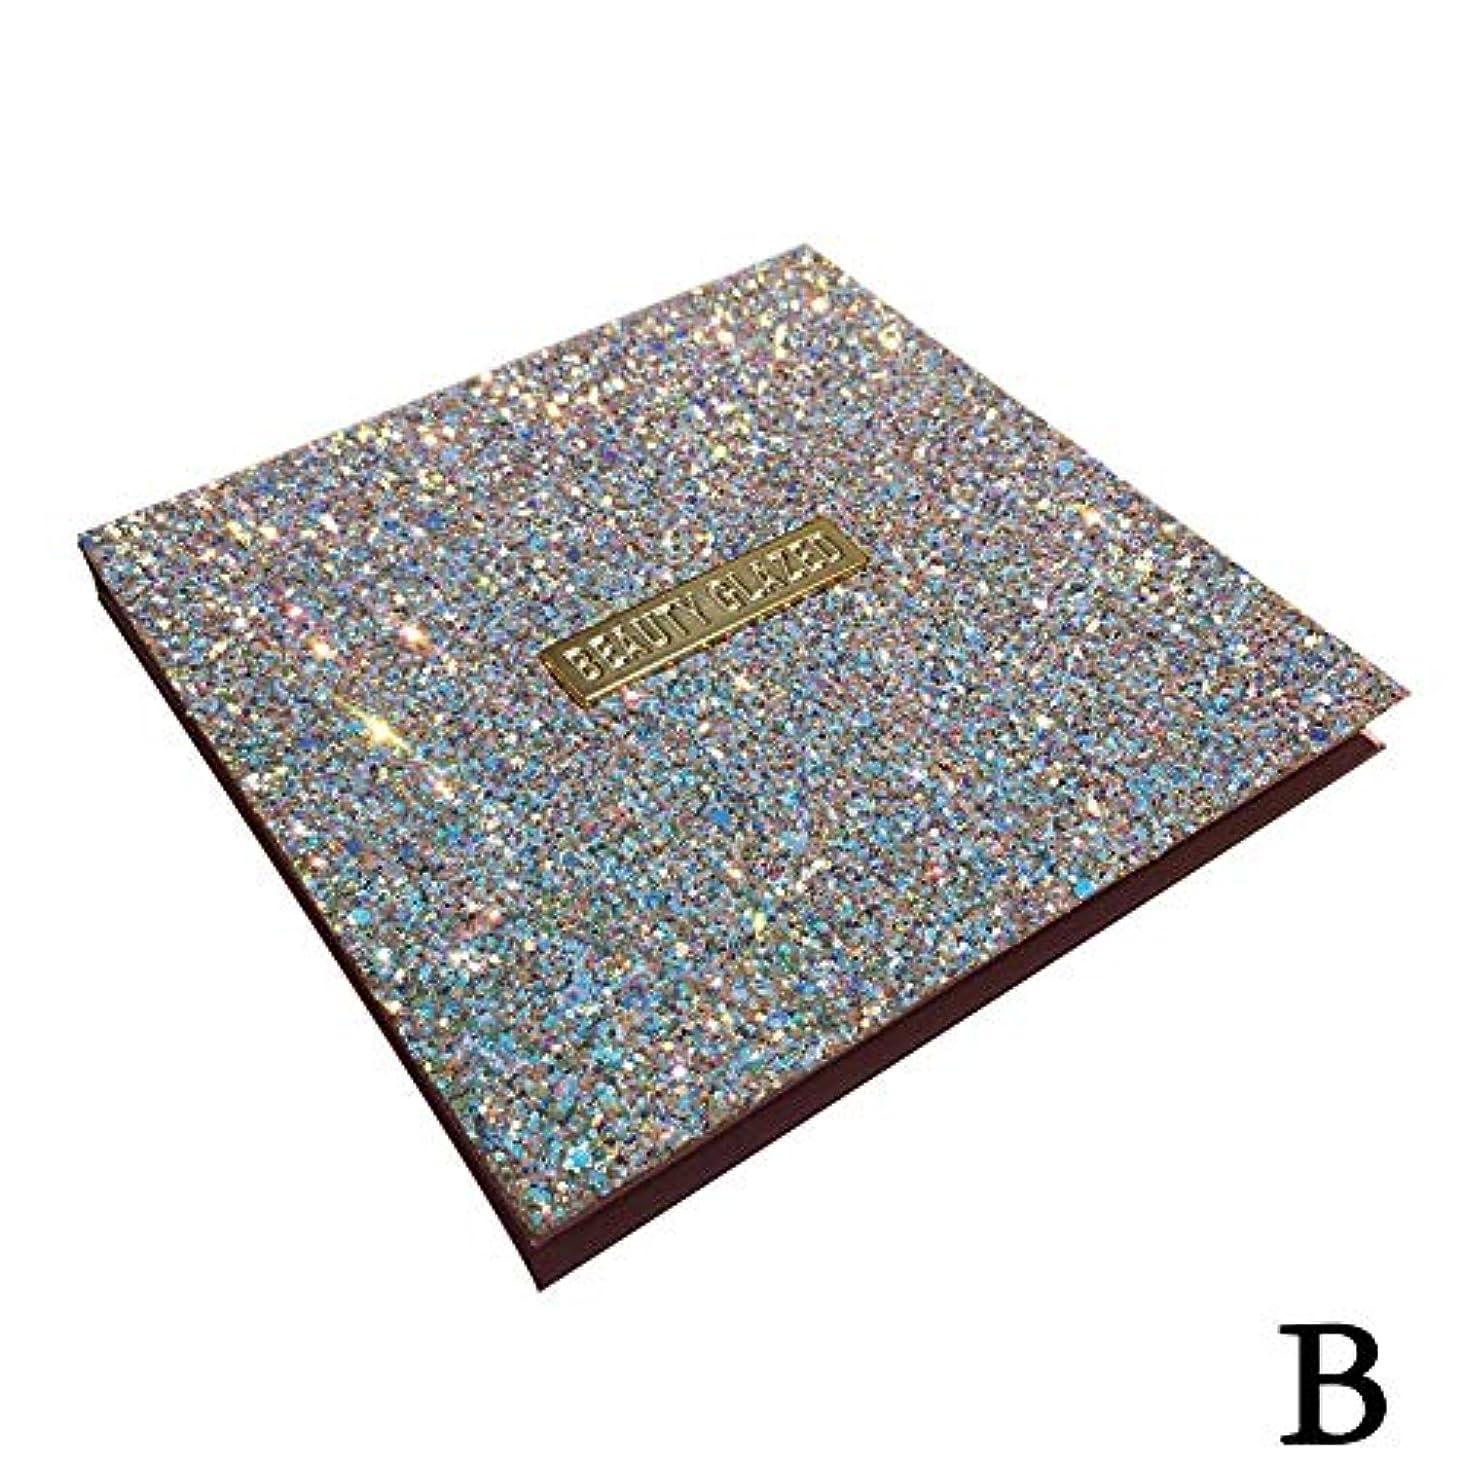 物語経済的速報(ゴールデン ドリーミング)Golden Dreaming beauty glazed 無光沢の真珠16色のアイシャドウ (B 2#)